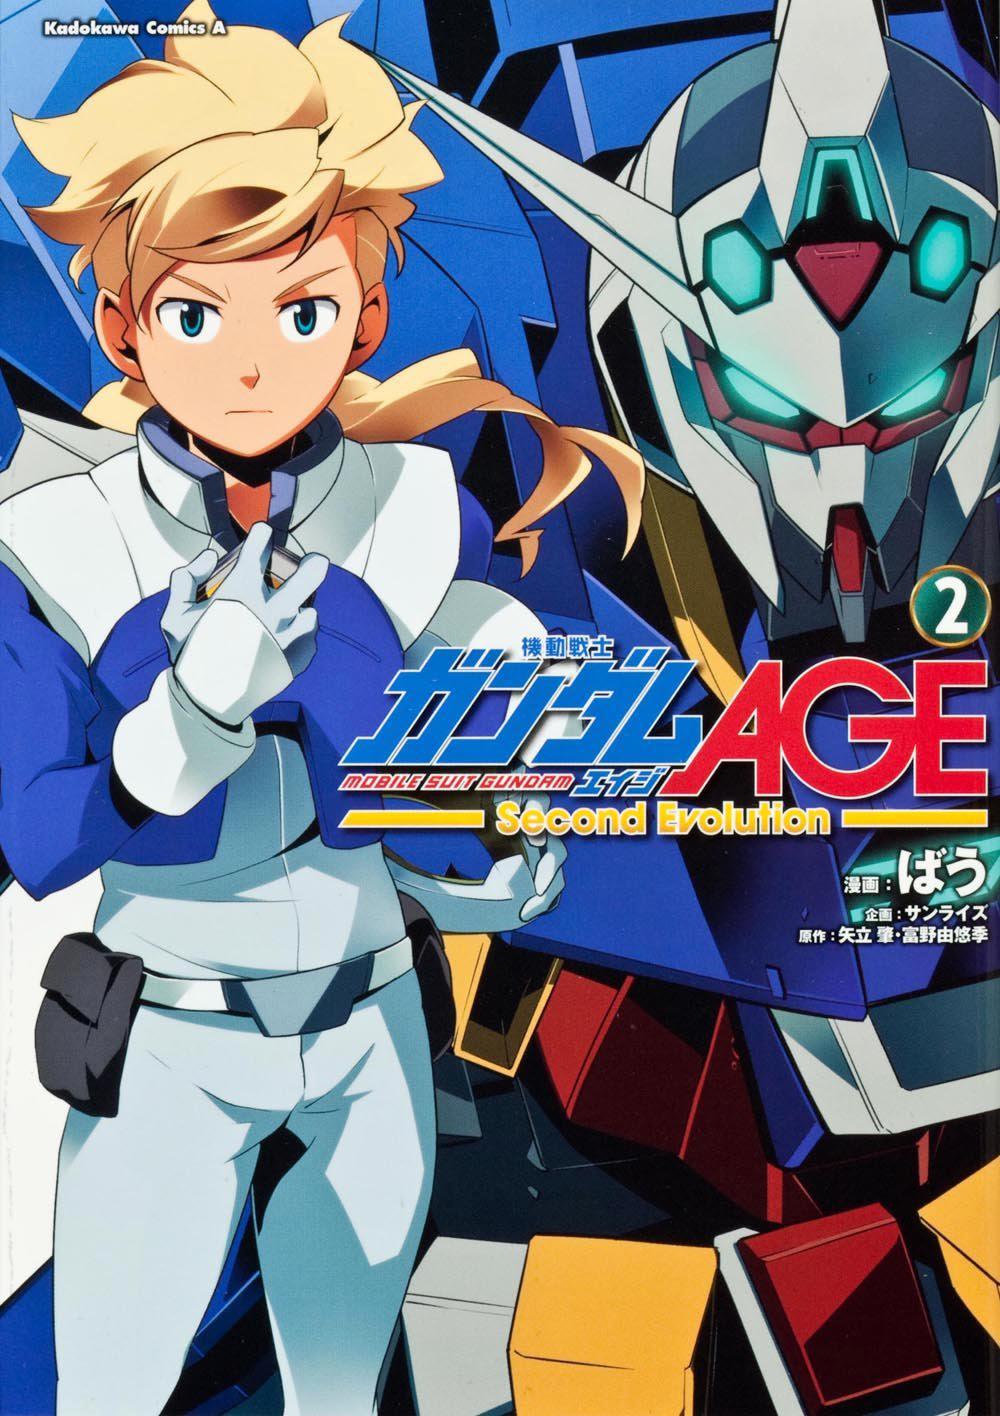 機動戦士ガンダムAGE -Second Evolution- 02